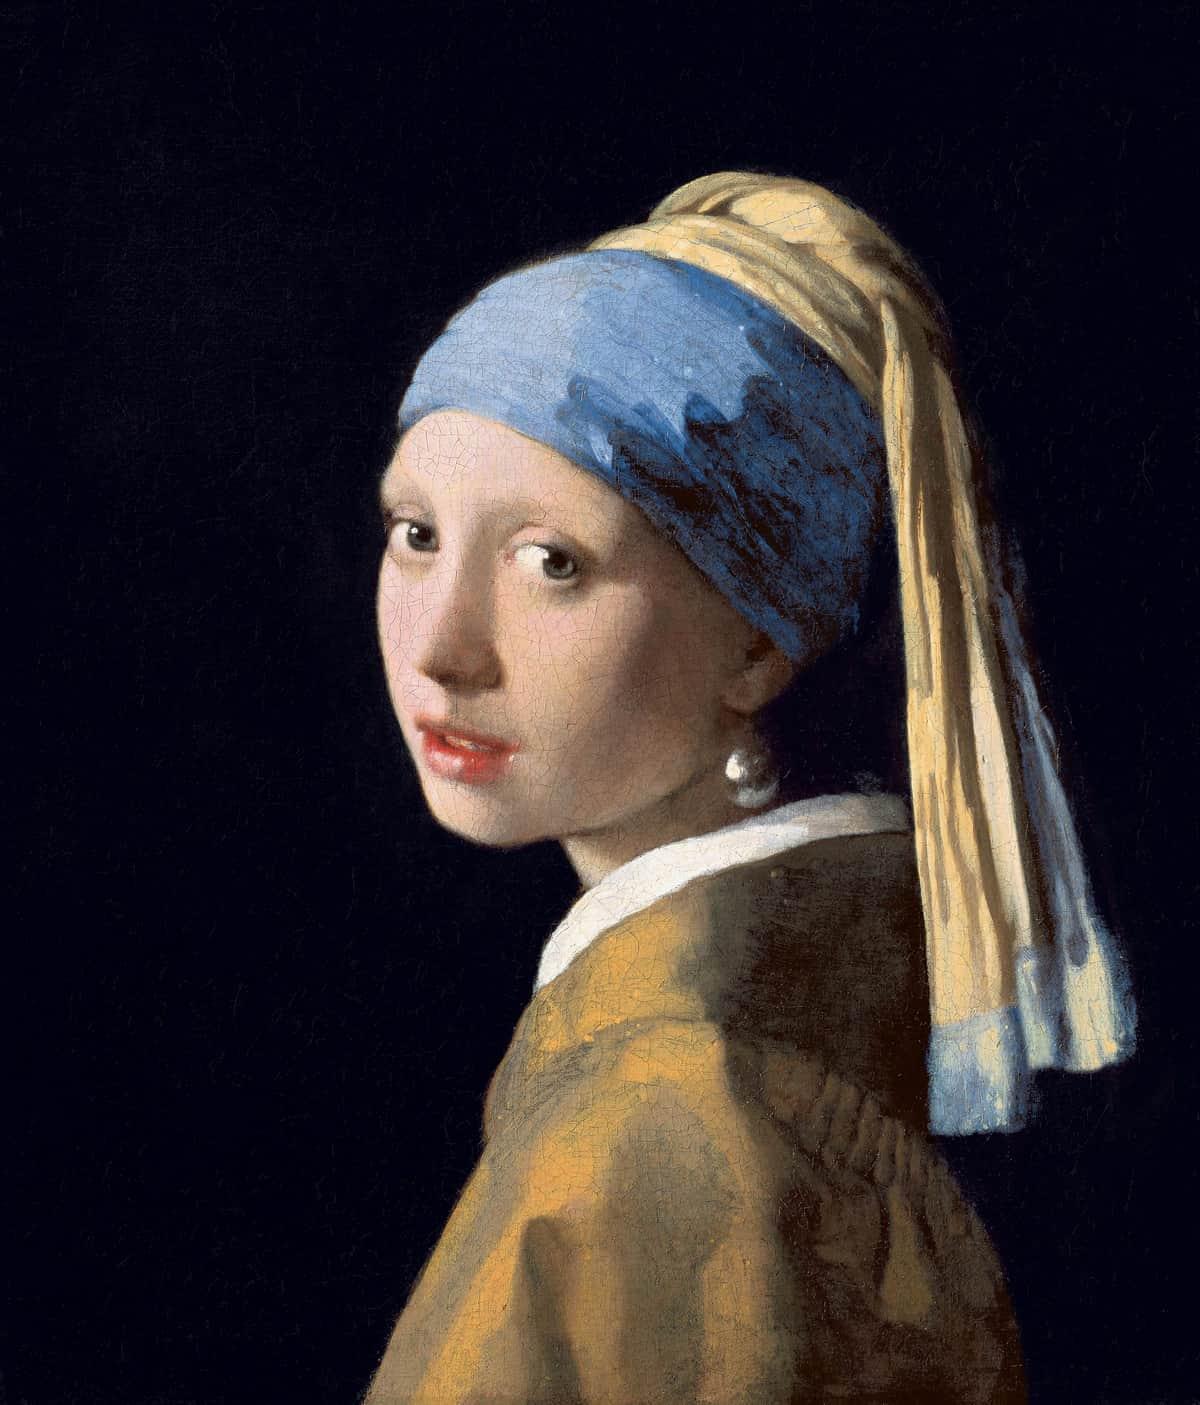 La chica con un pendiente de perla